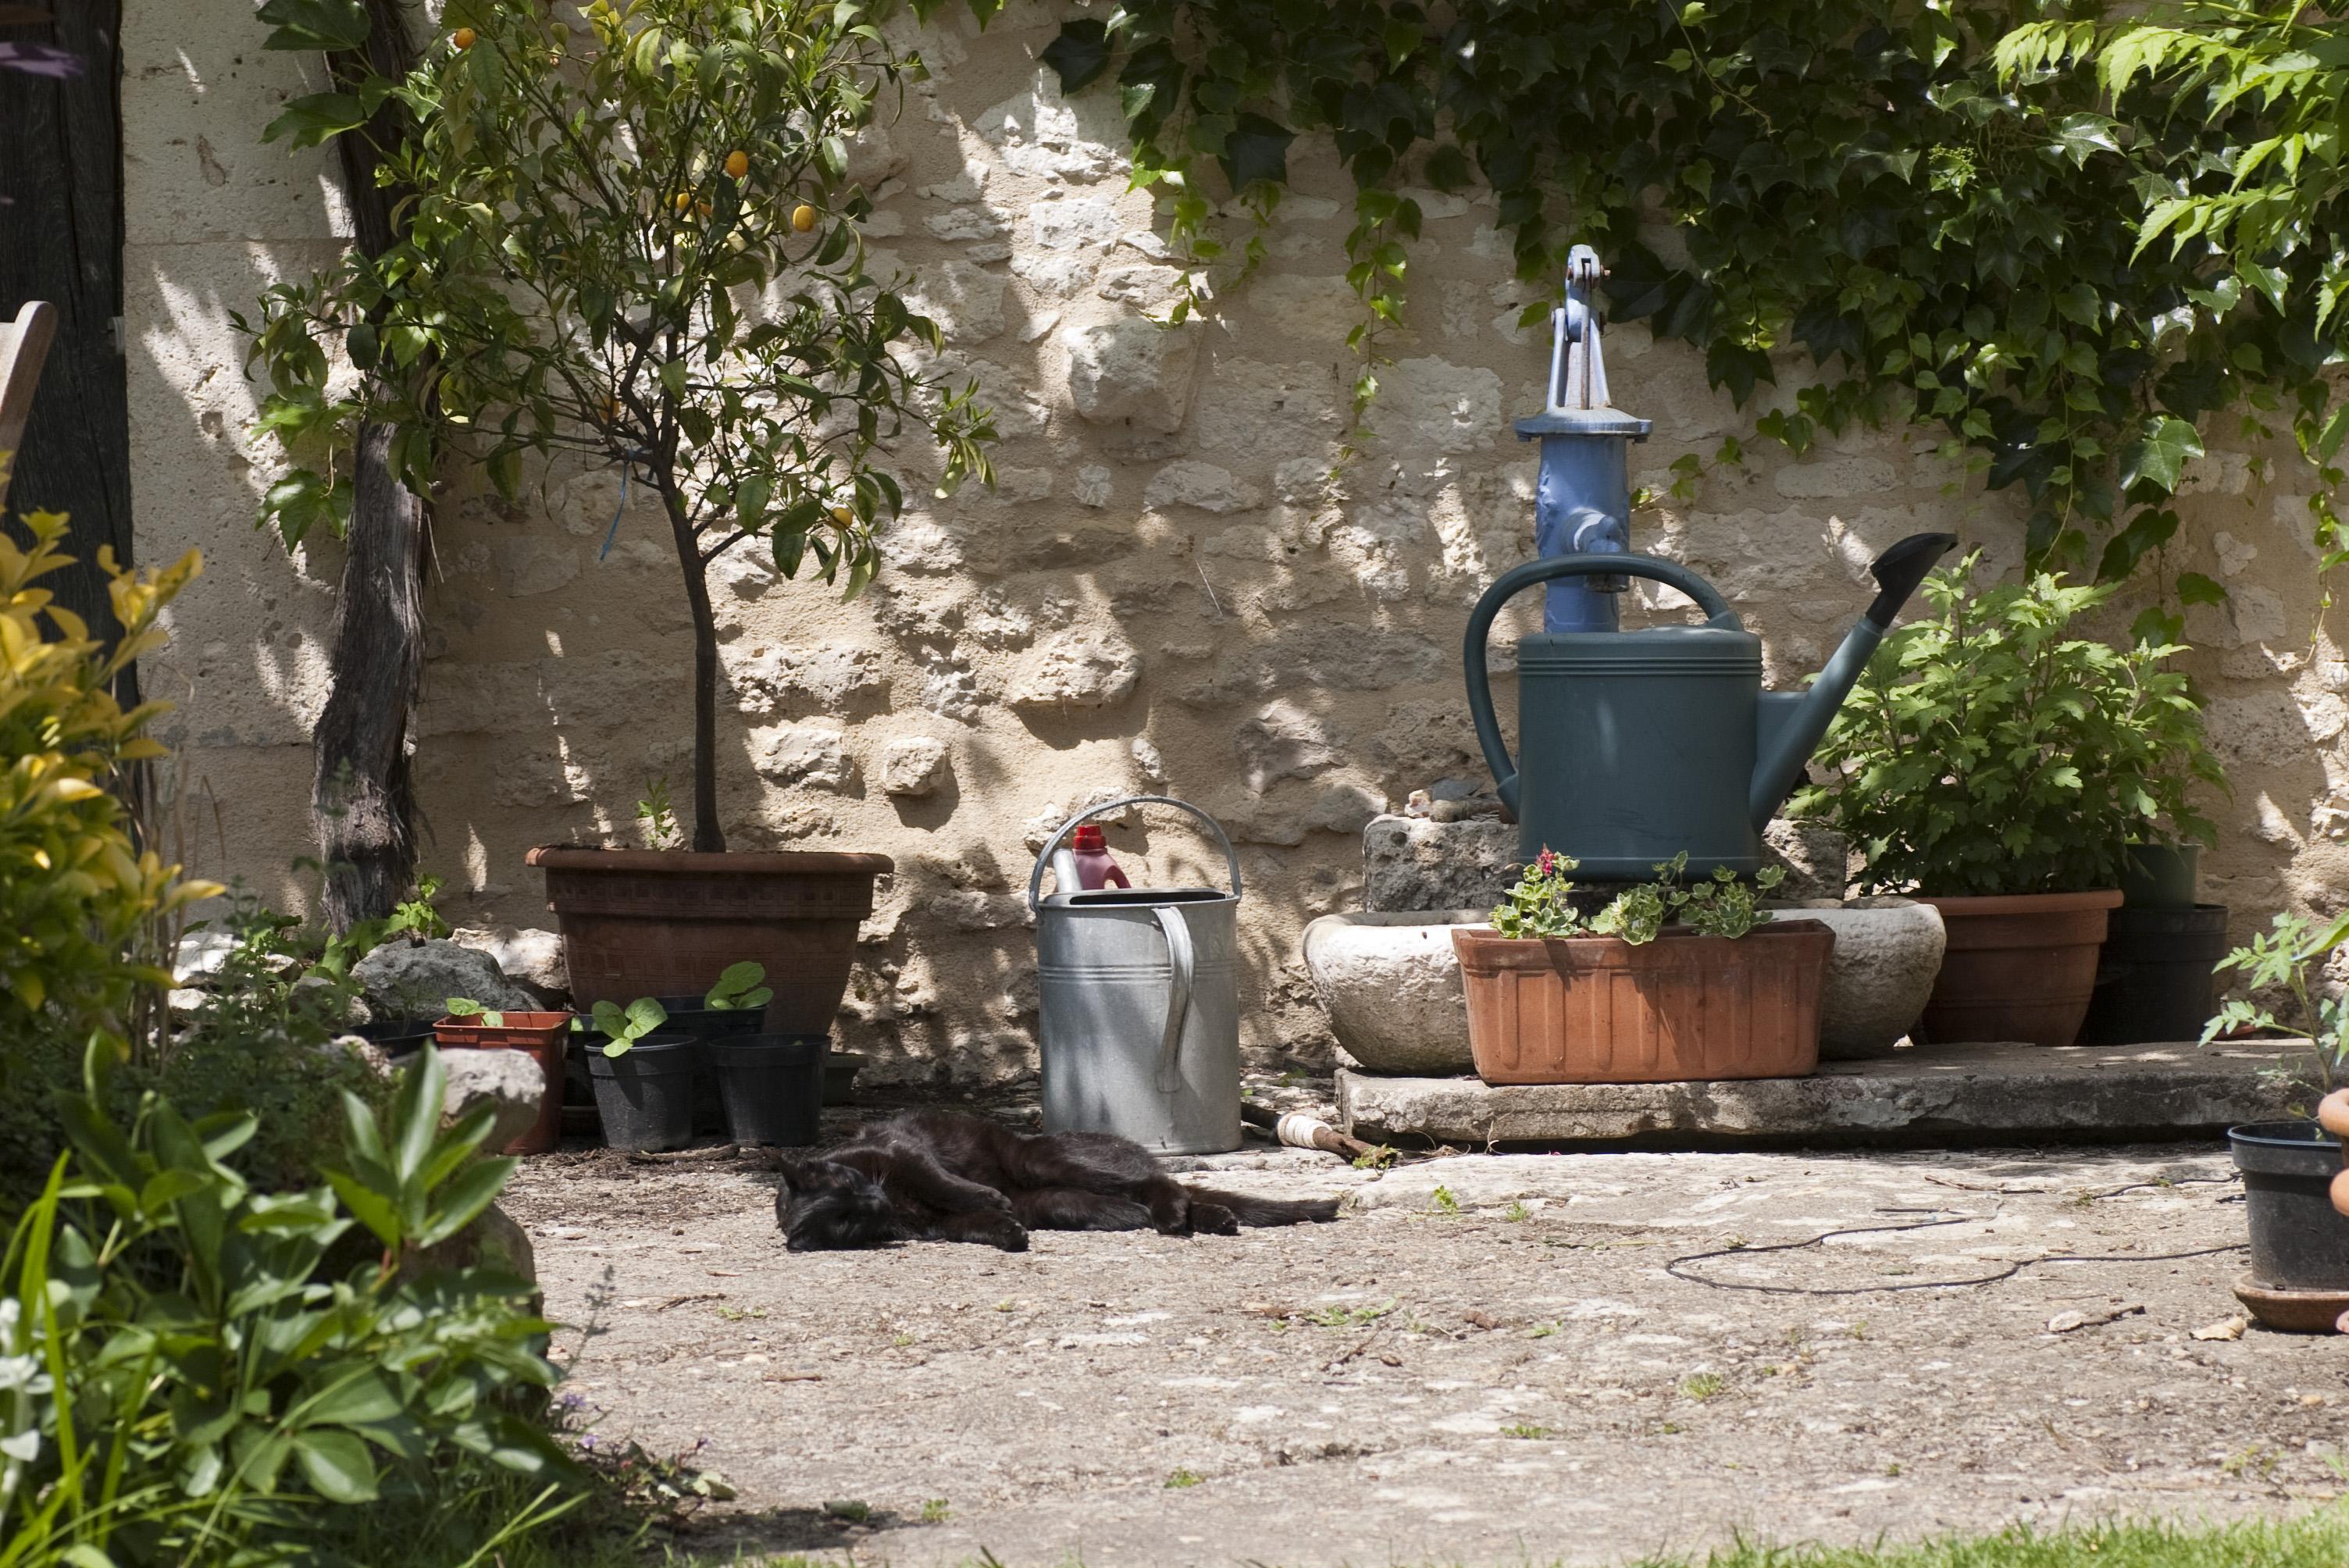 Landscape Design Pump Room Gardens Leamingtons Spa